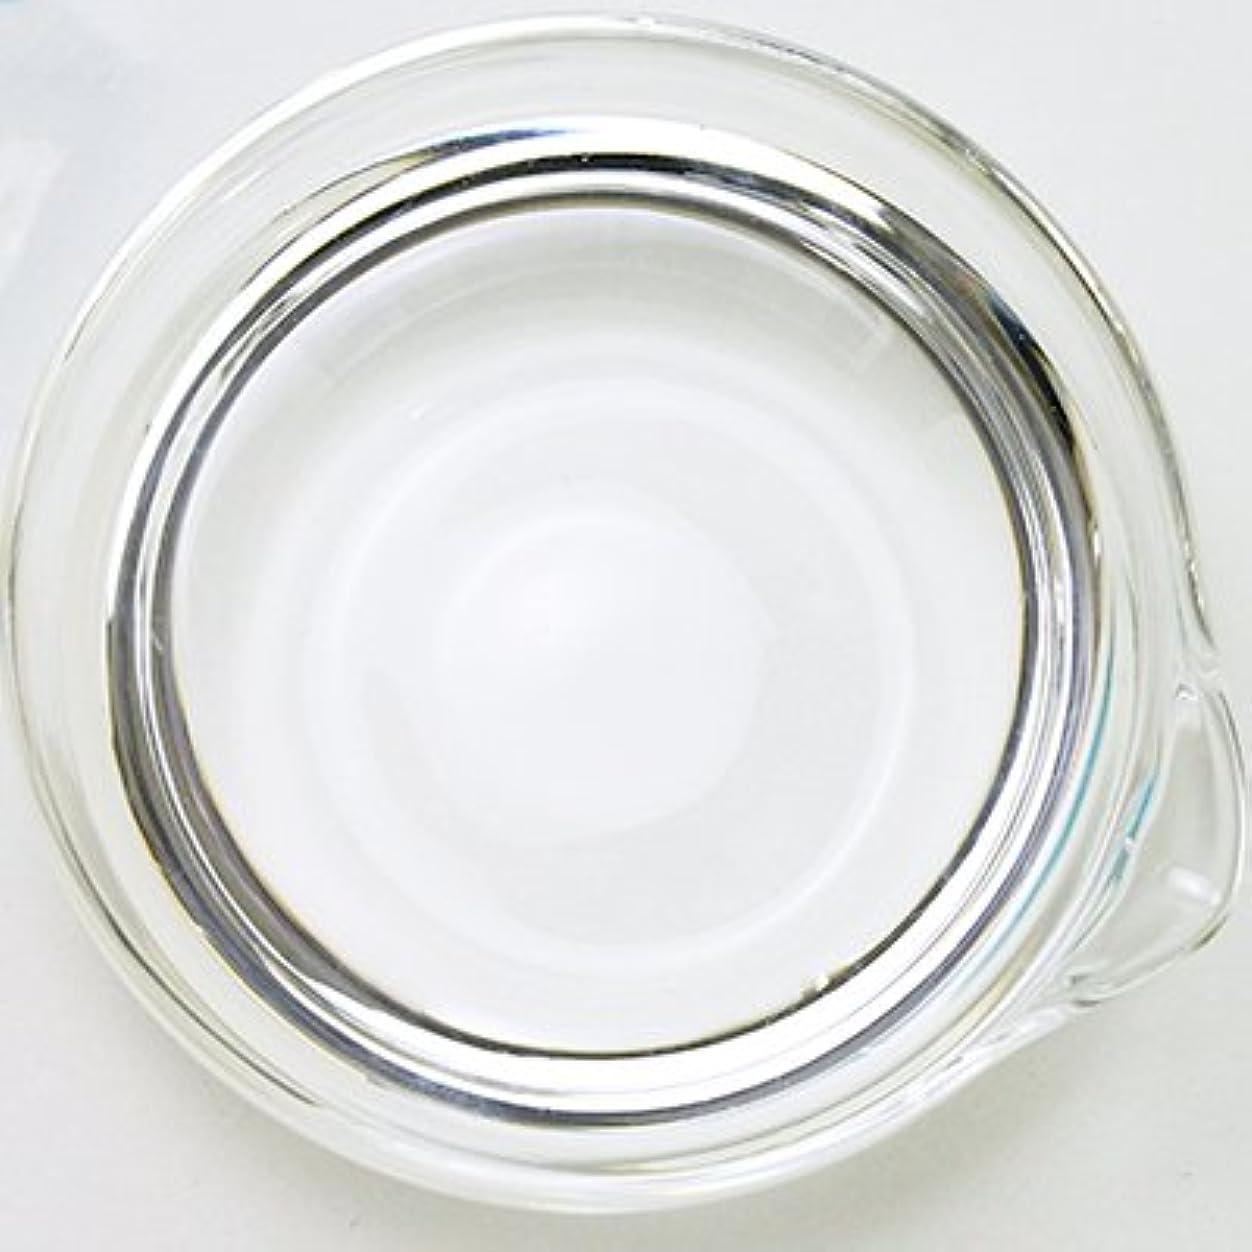 見物人販売計画グレートオークホワイトオリーブオイル [吸着精製オリーブオイル] 1L 【手作り石鹸/手作りコスメ/ピュアオリーブオイル】